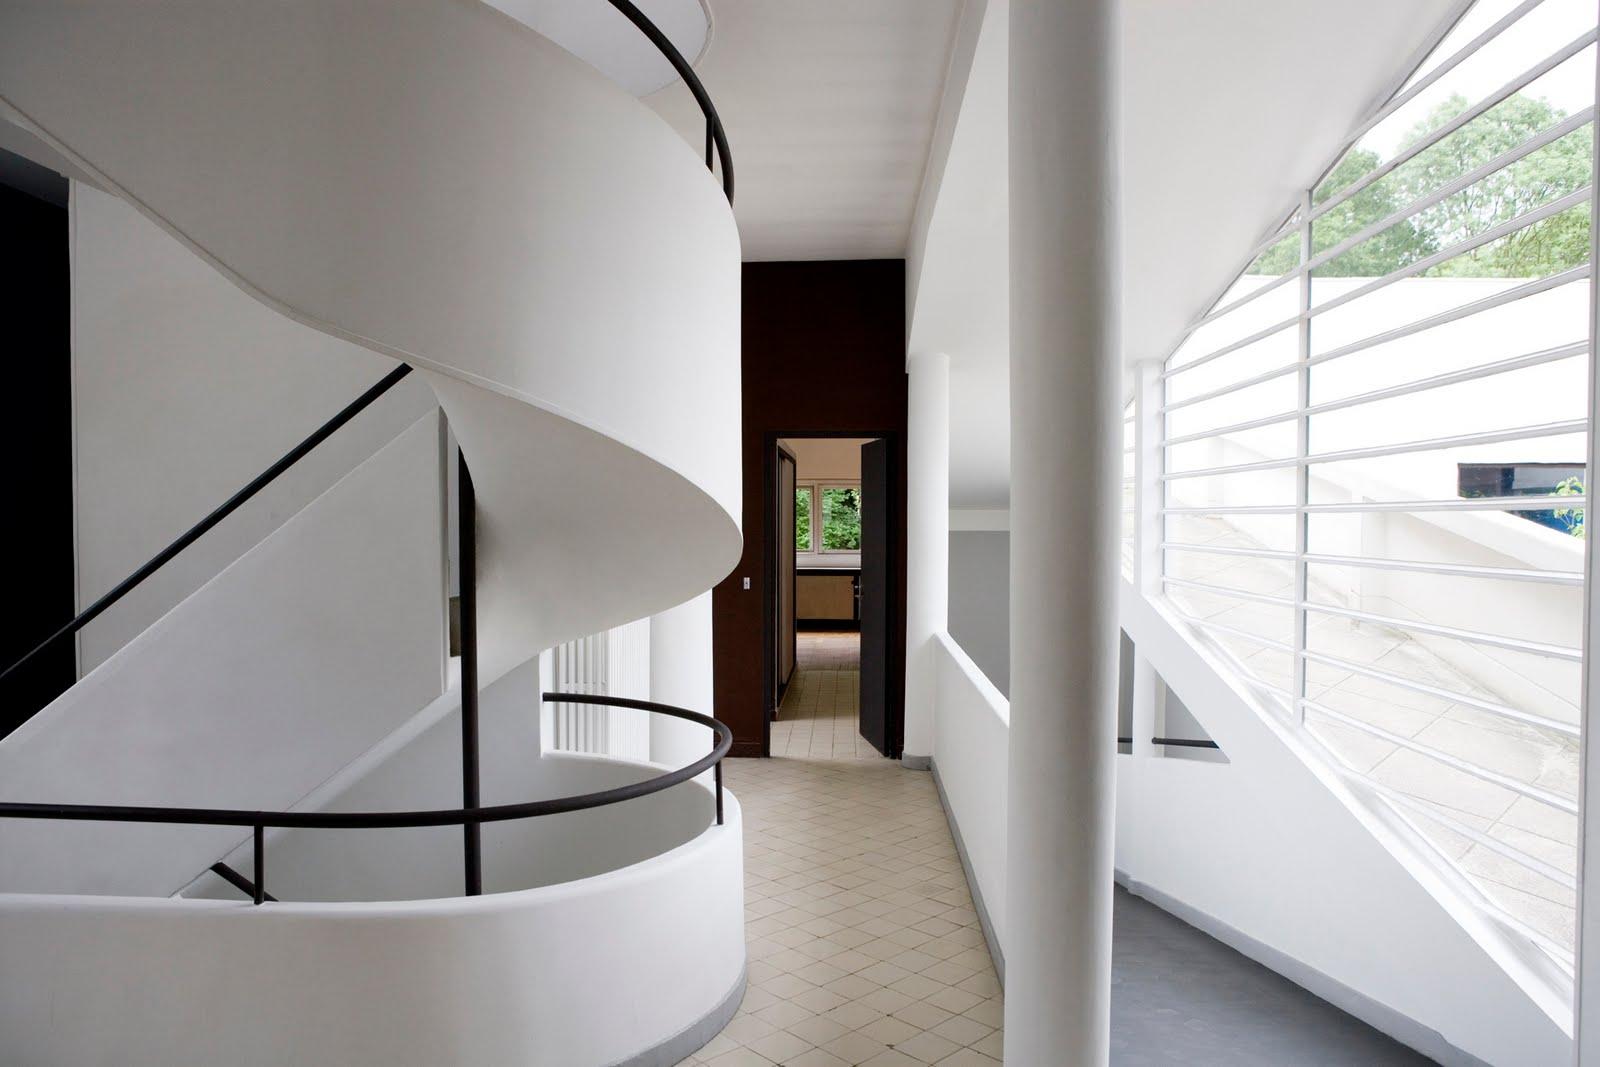 Le corbusier villa savoye interior - Villa Savoye